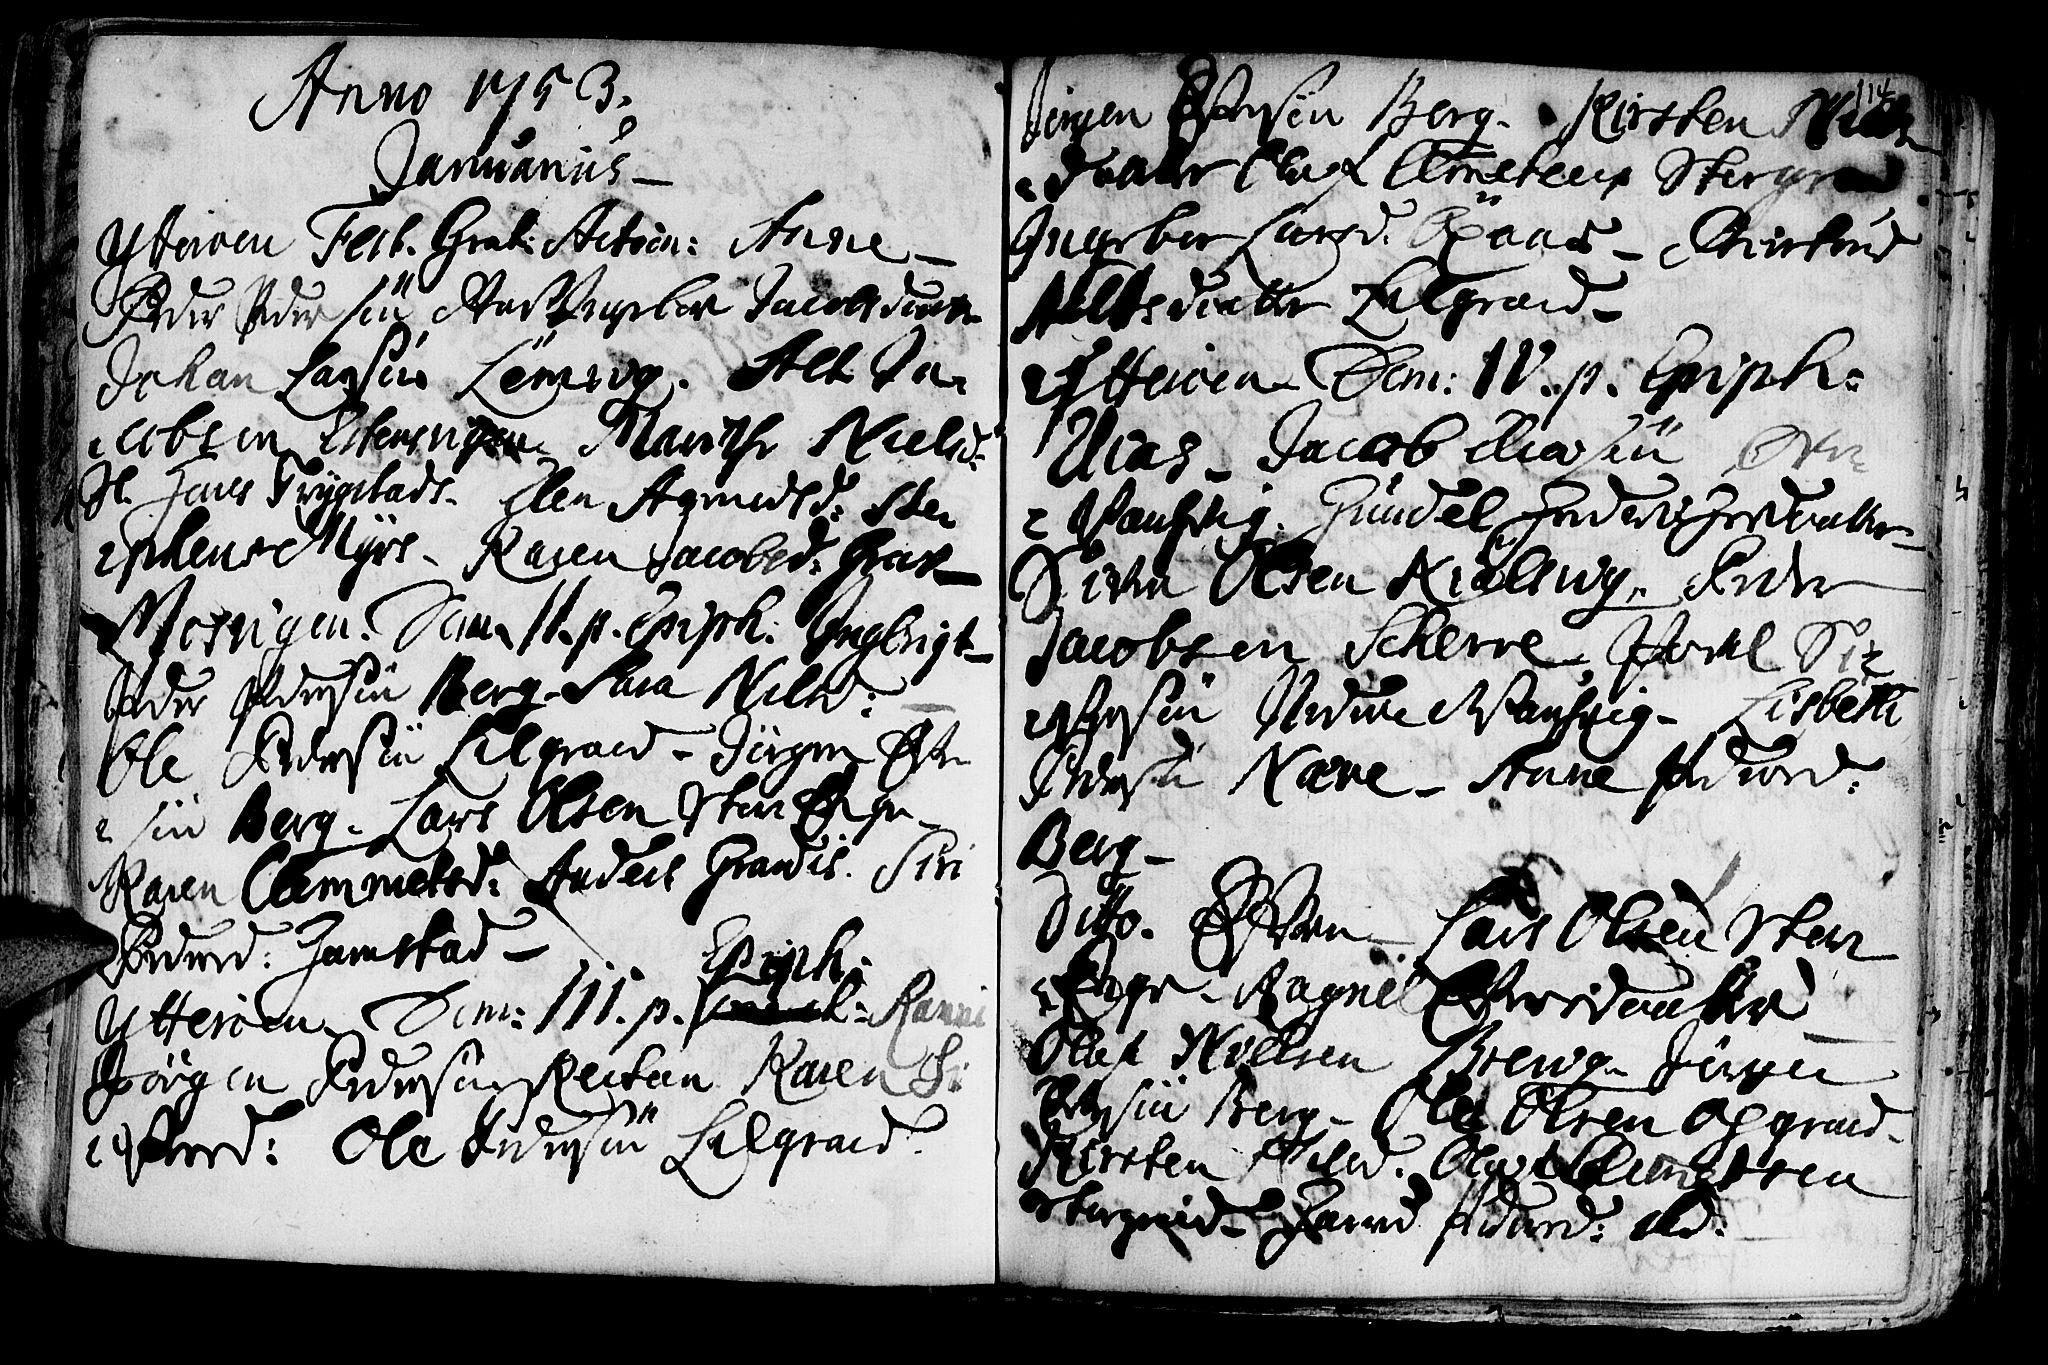 SAT, Ministerialprotokoller, klokkerbøker og fødselsregistre - Nord-Trøndelag, 722/L0215: Ministerialbok nr. 722A02, 1718-1755, s. 114